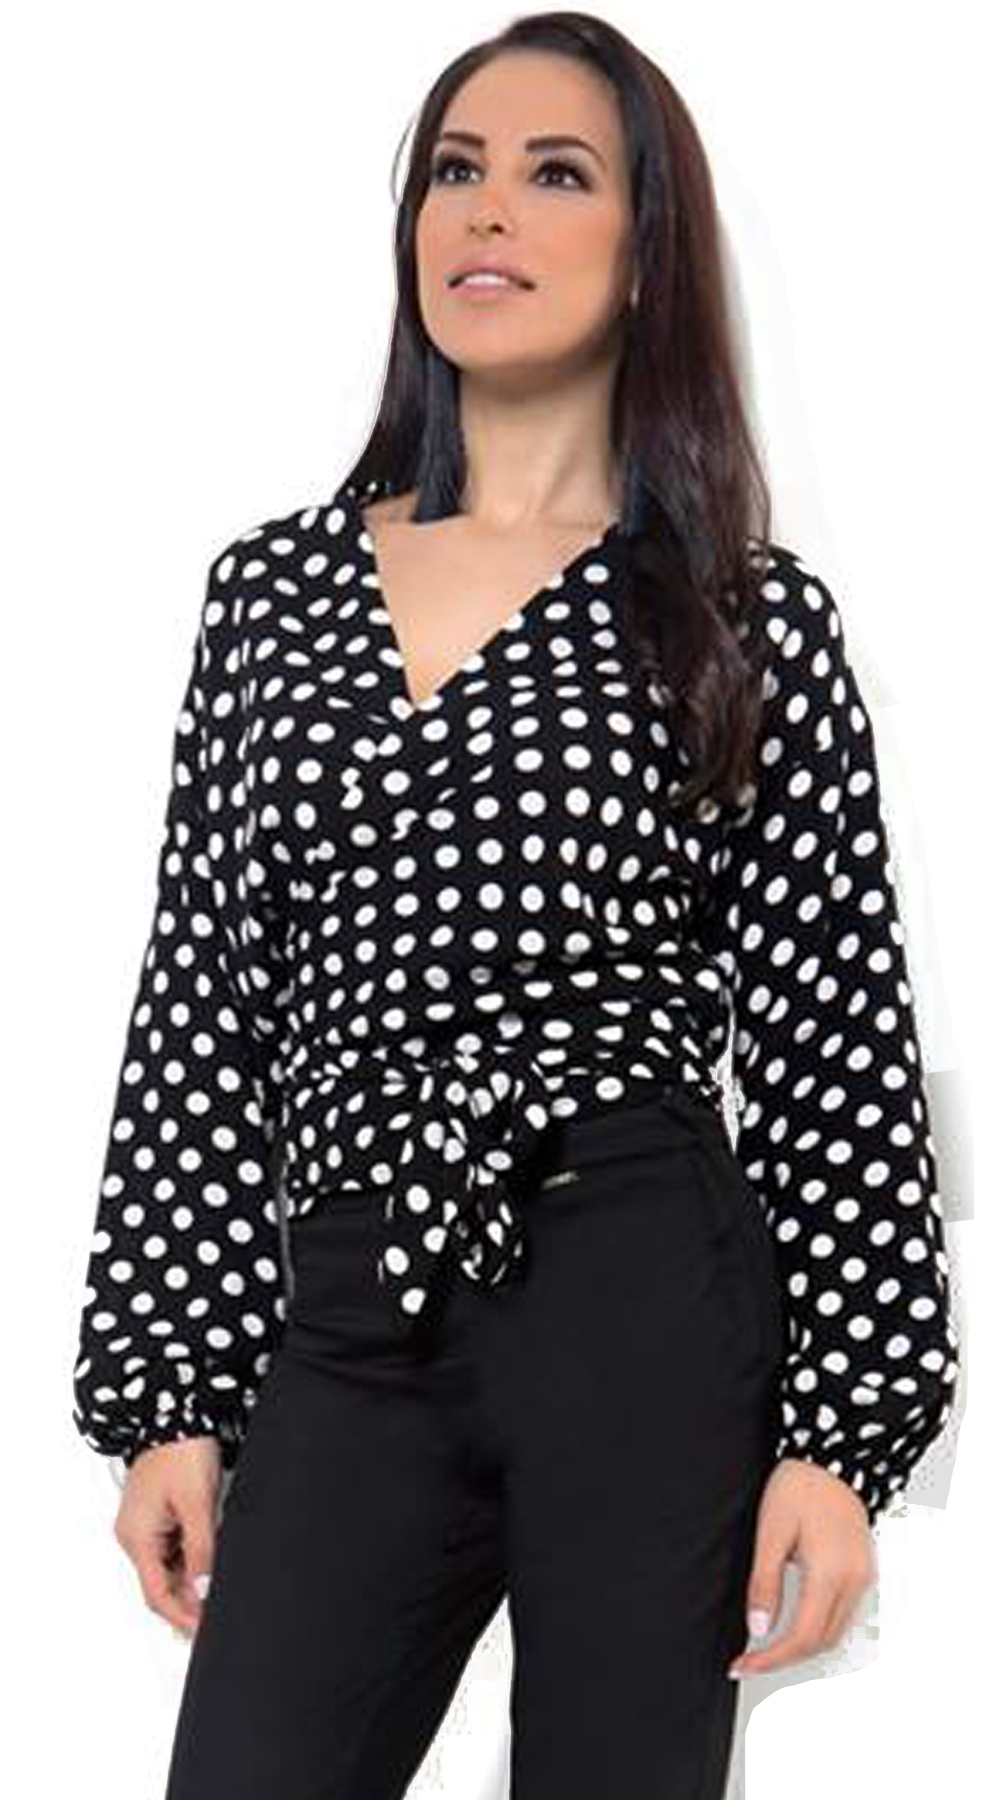 Γυναικεία κρουαζέ πουά μπλούζα - OEM - SP18CM-15020 μπλούζες   t shirts elegant tops